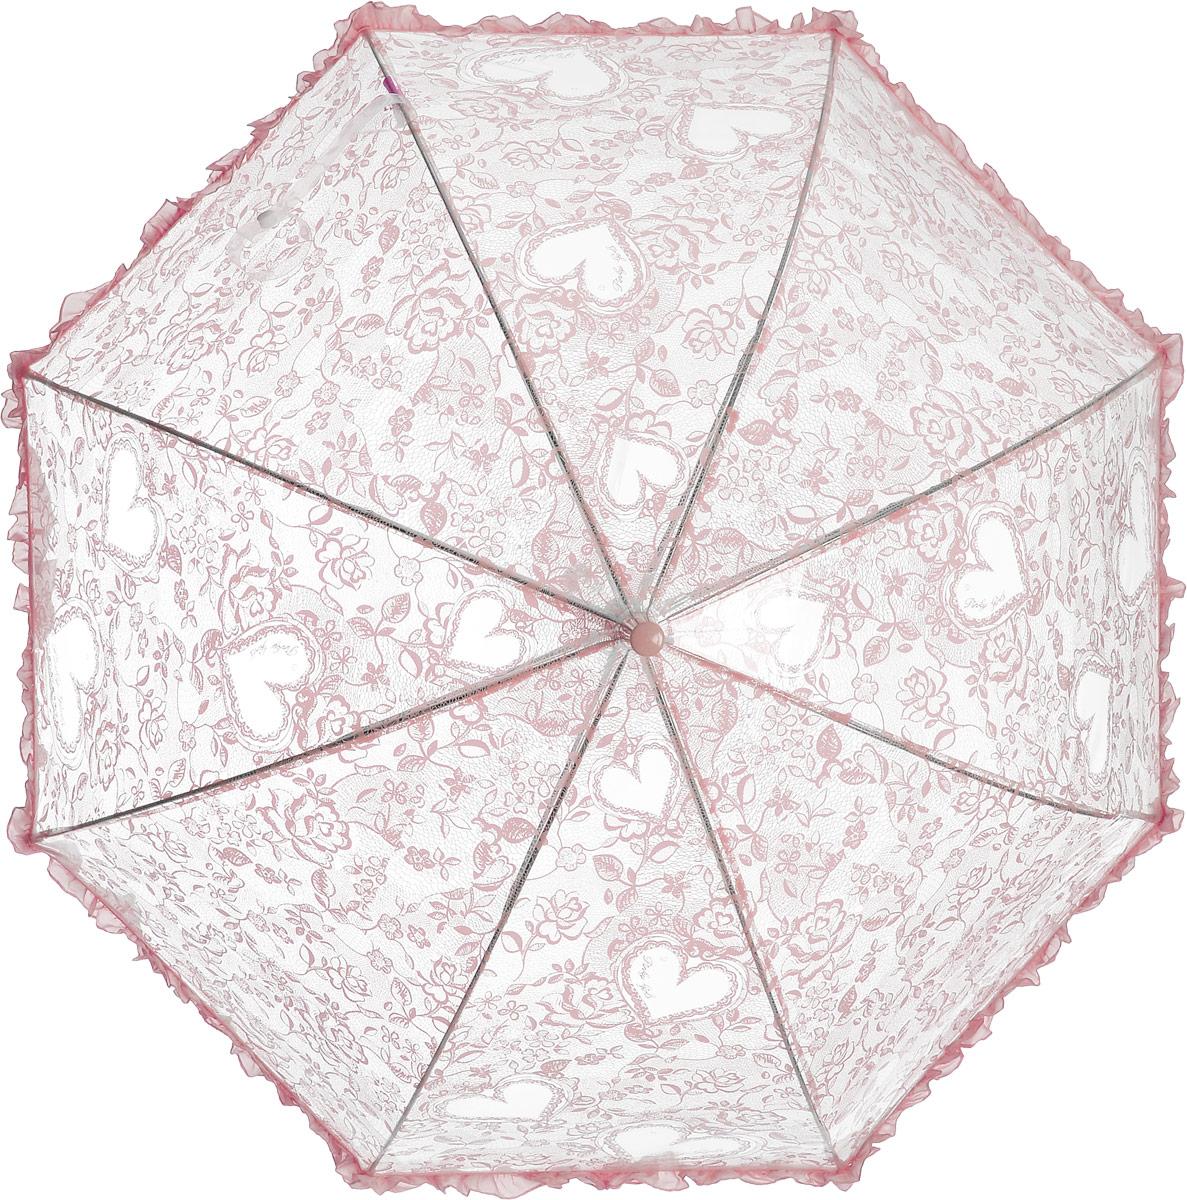 Зонт детский Airton, механический, трость, цвет: прозрачный, розовый. 1651-03CX1516-50-10Замечательный прозрачный зонтик для юной модницы с рисунком Сердечки. Механихм зонта - полуавтомат. Аксессуар сделан с соблюдением всех стандартов безопасности, острые концы заблокированы специальными клипсами, ручка в форме крюка позволит легко повесить зонт даже на собственную руку.